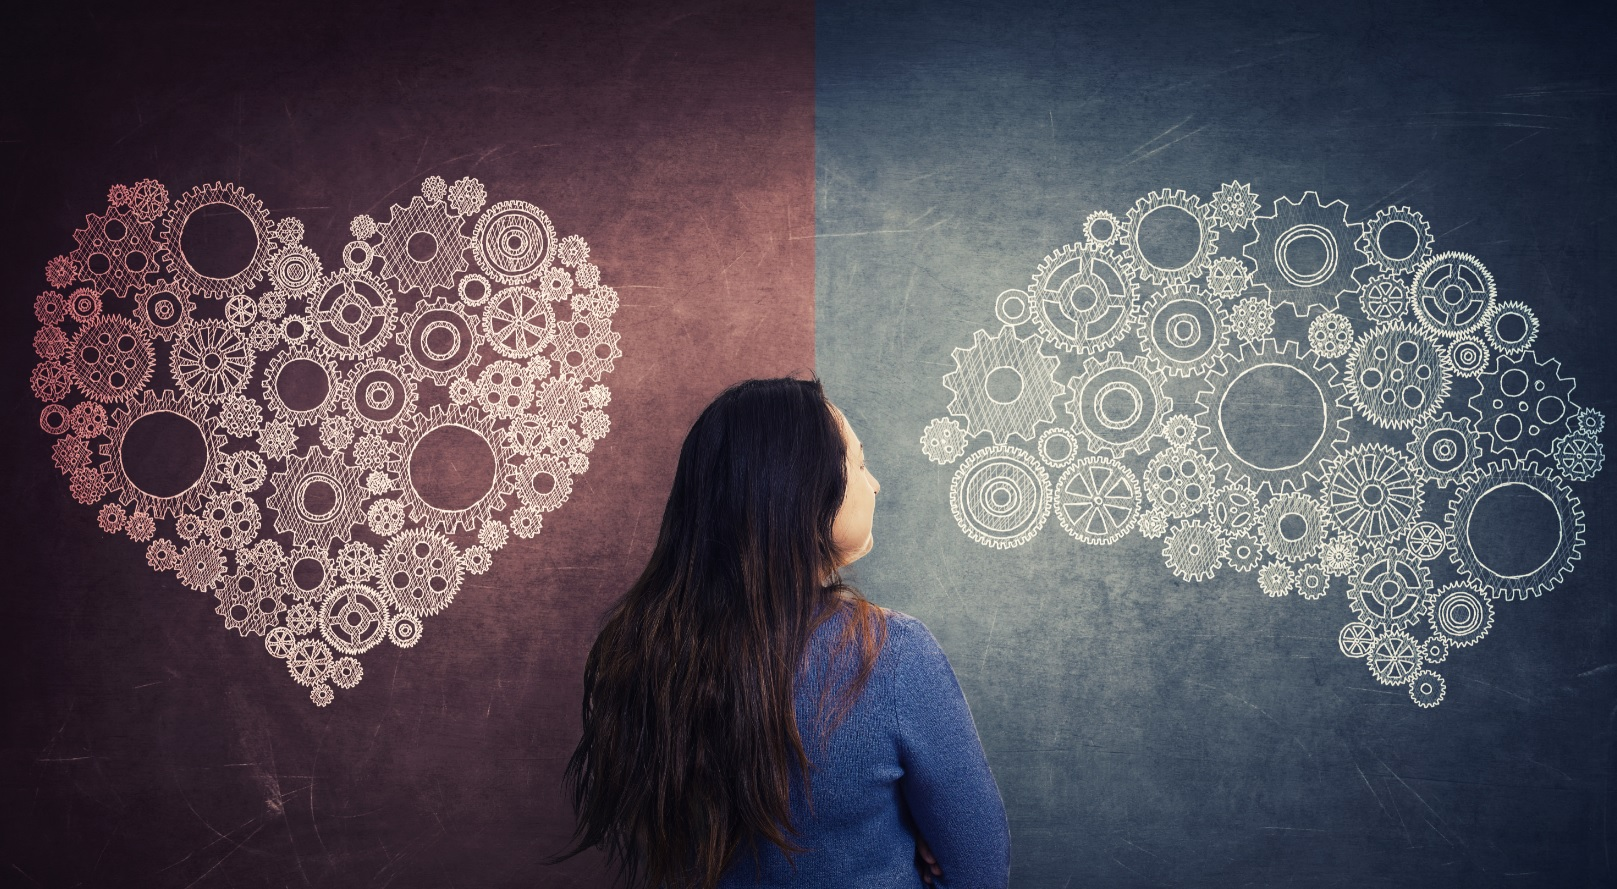 Mulher ao centro olhando para uma parede divida entre coração ao lado esquerdo e cérebro do lado direito